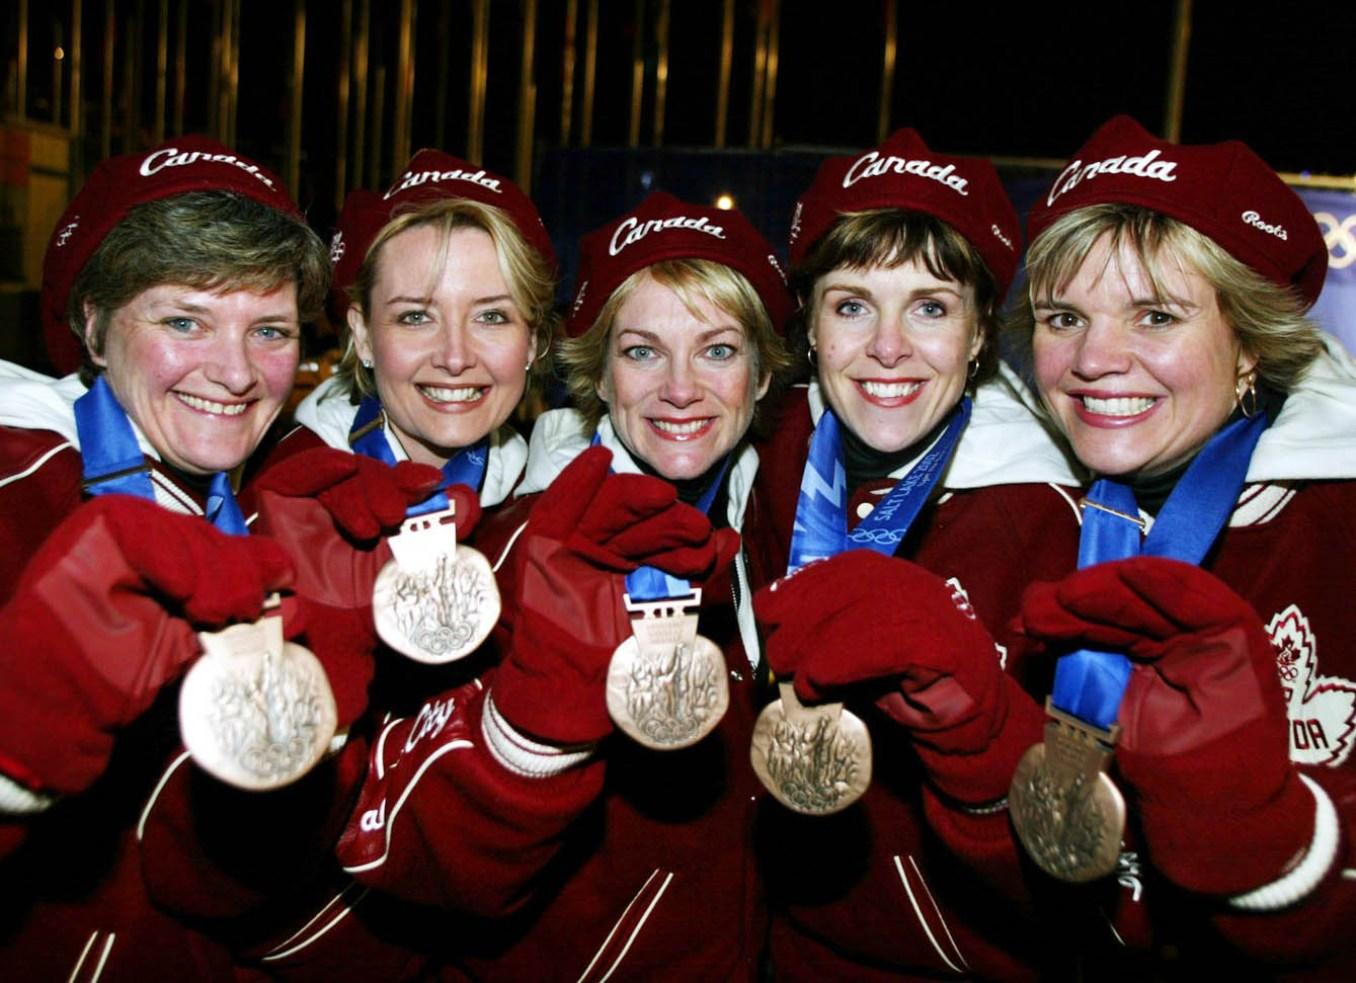 L'équipe féminine de curling (de gauche à droite) du Canada: Chery Noble de Victoria, Kelley Law de Coquitlam, C.-B.,Diane Nelson de Burnaby, C.-B., Julie Skinner de Victoria et Georgina Wheathcroft de Victoria, arbore la médaille de bronze, le jeudi 21 février 2002, aux Jeux olympiques d'hiver de Salt Lake City. (PHOTO PC/AOC/André Forget)